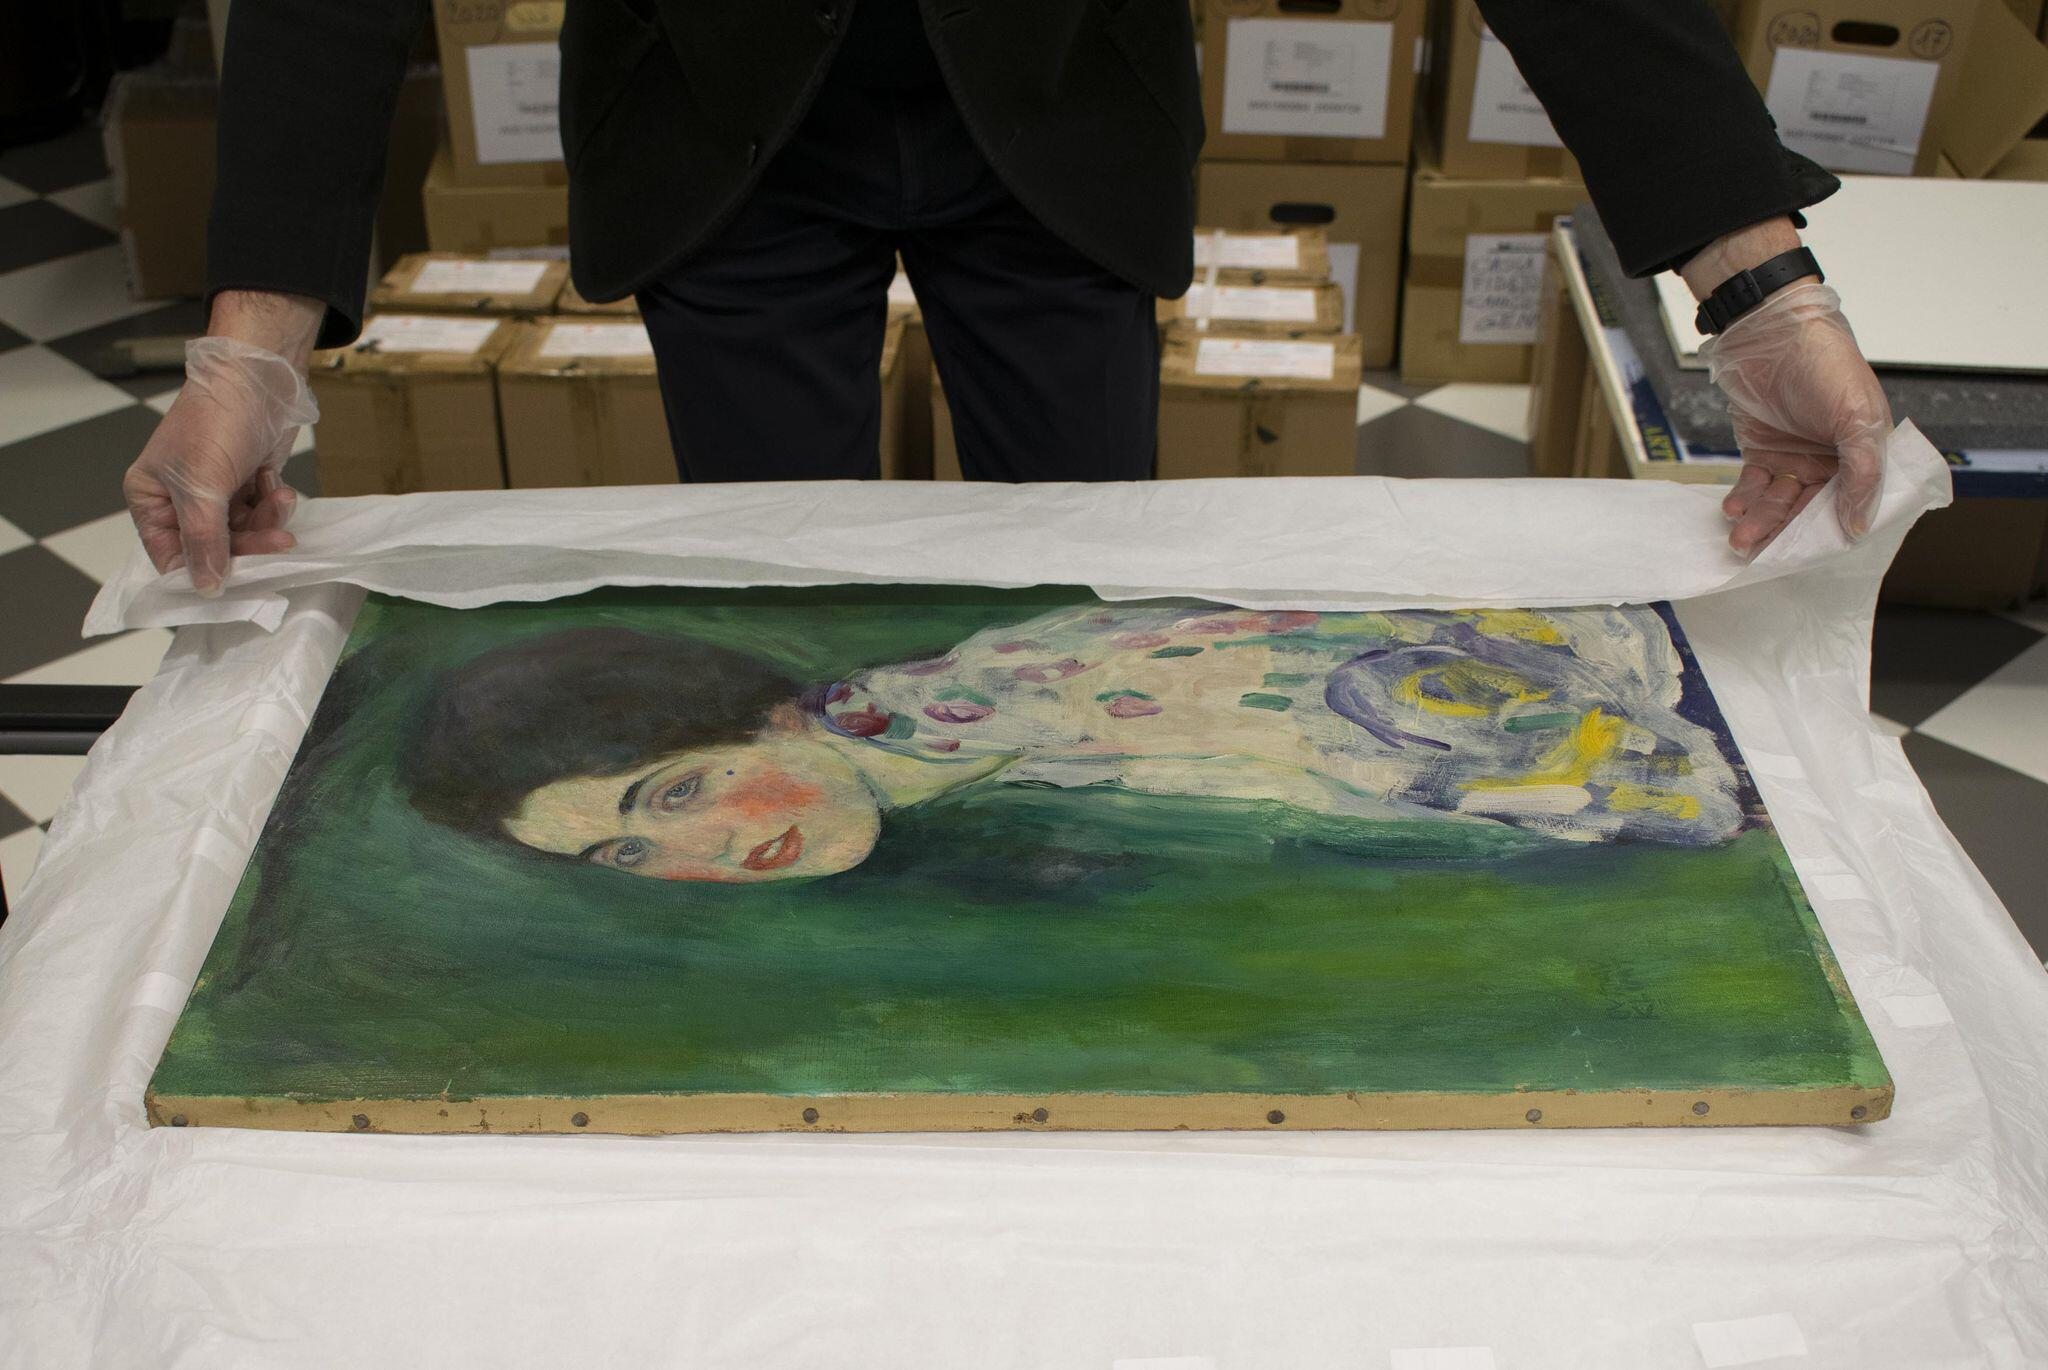 Bild zu Präsentation des wiederentdeckten Klimt-Gemäldes in Piacenza